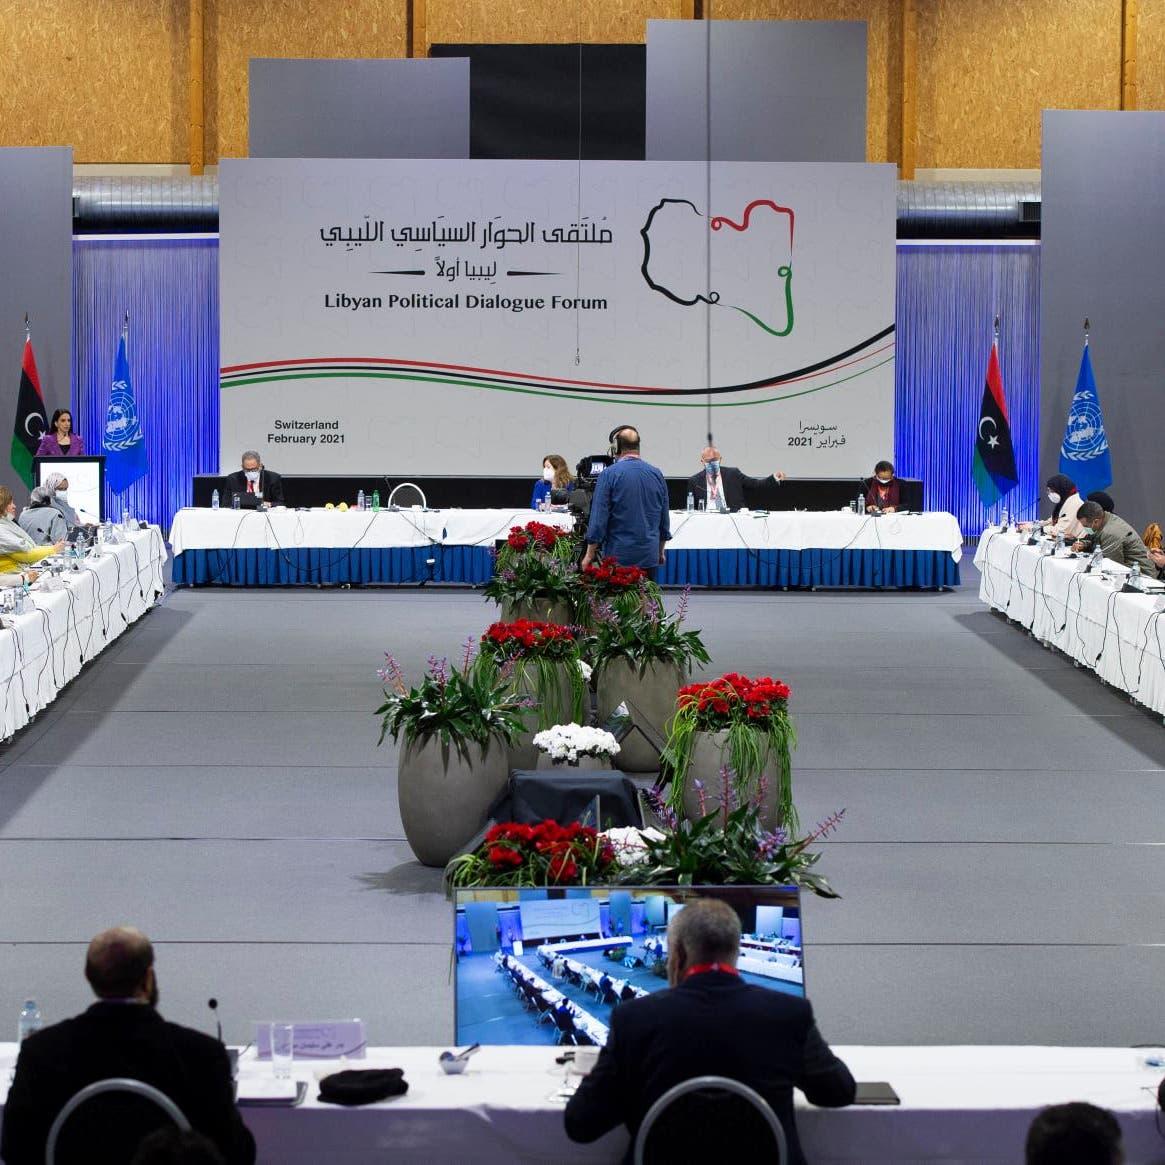 أعضاء من كتلة برقة يهددون بالانسحاب من الحوار الليبي بجنيف